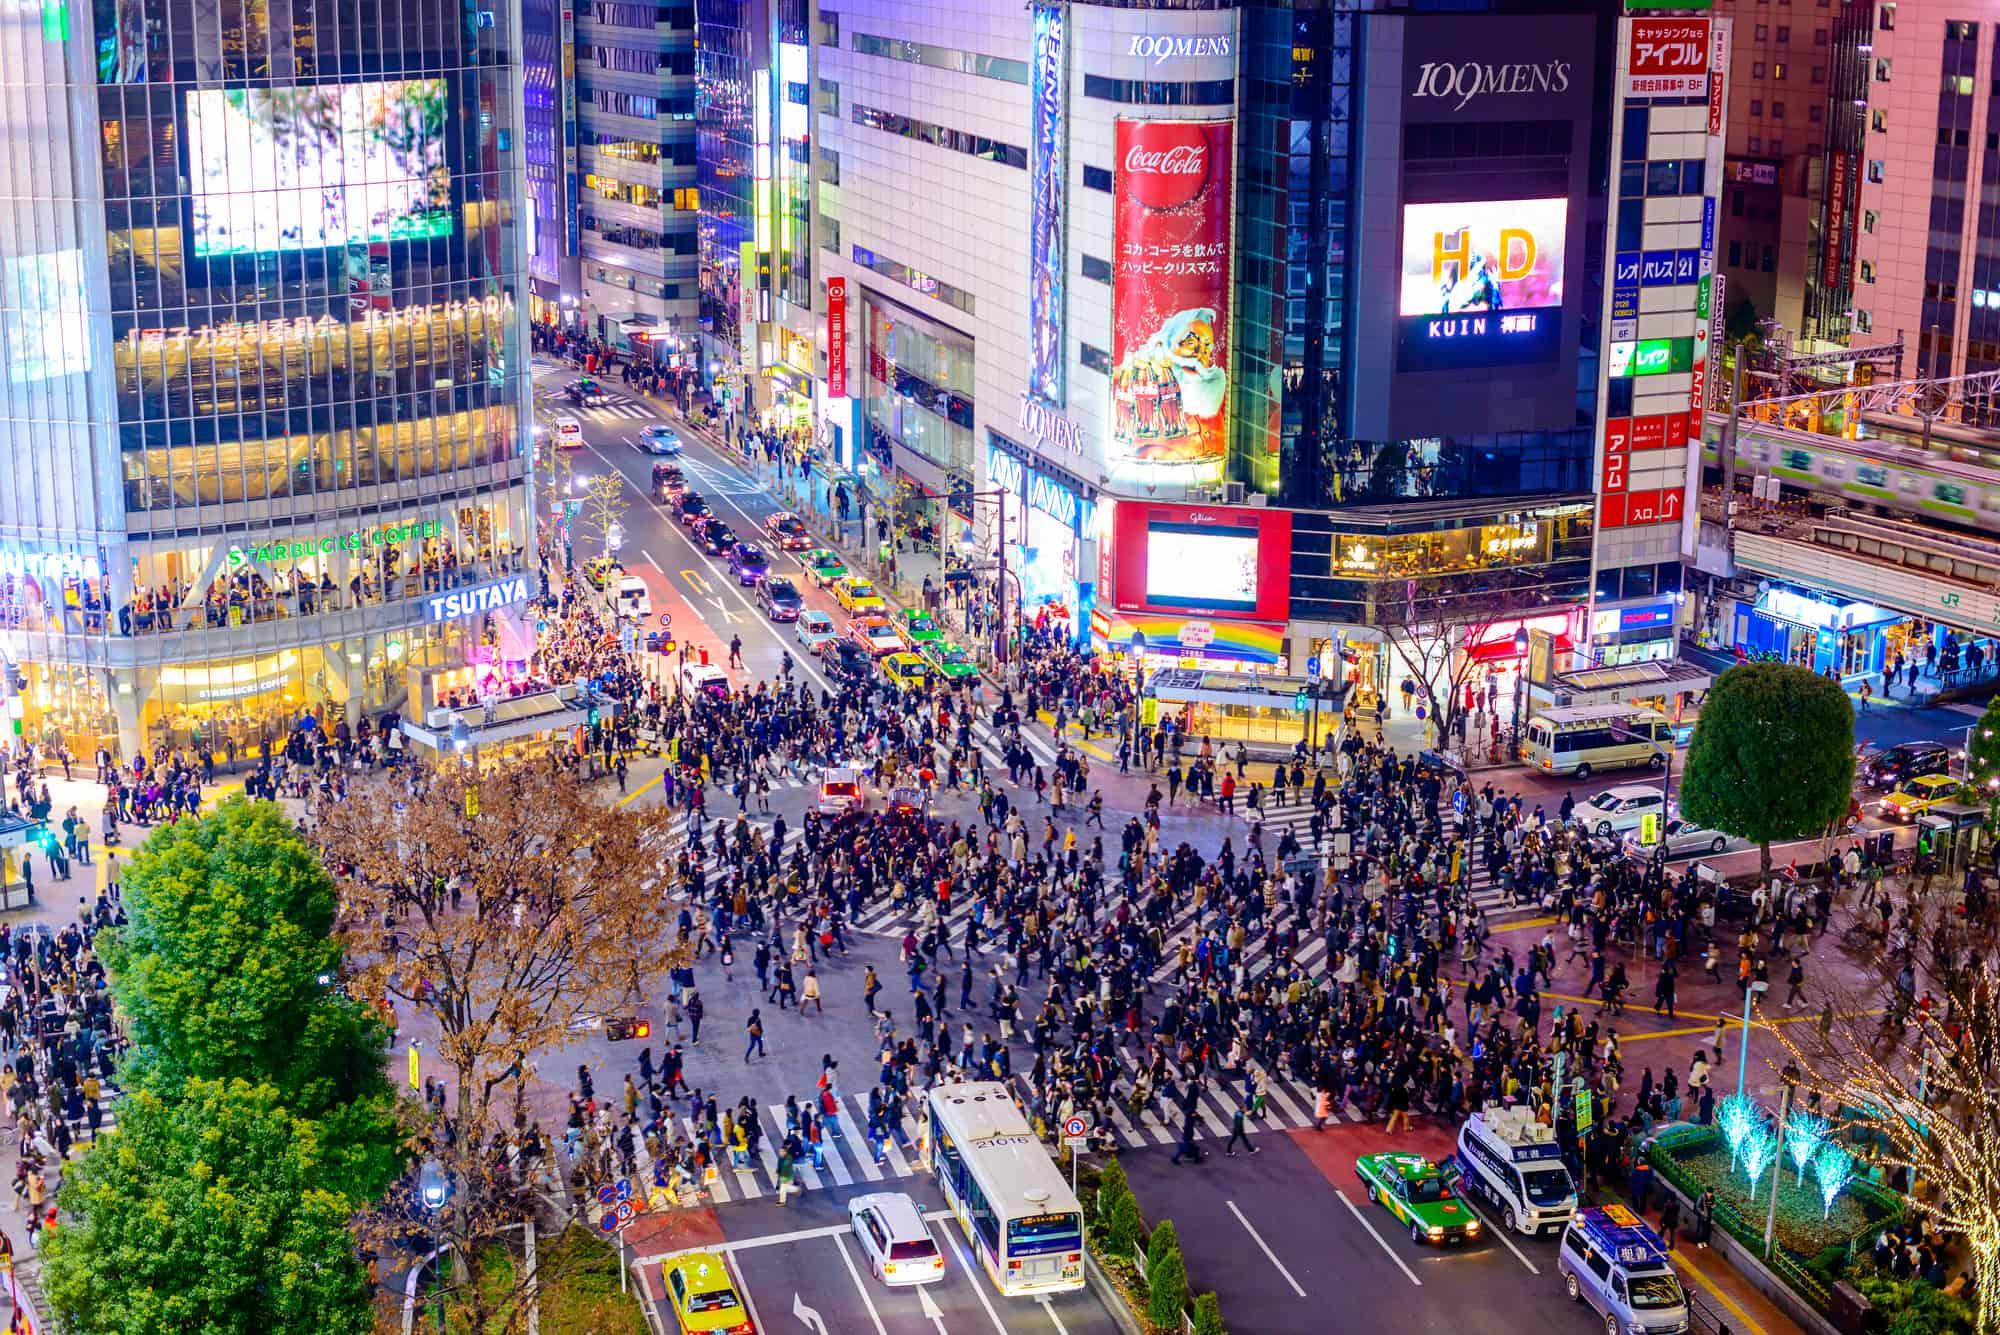 shibuya vejkrydset i tokyo set i nattebelysning